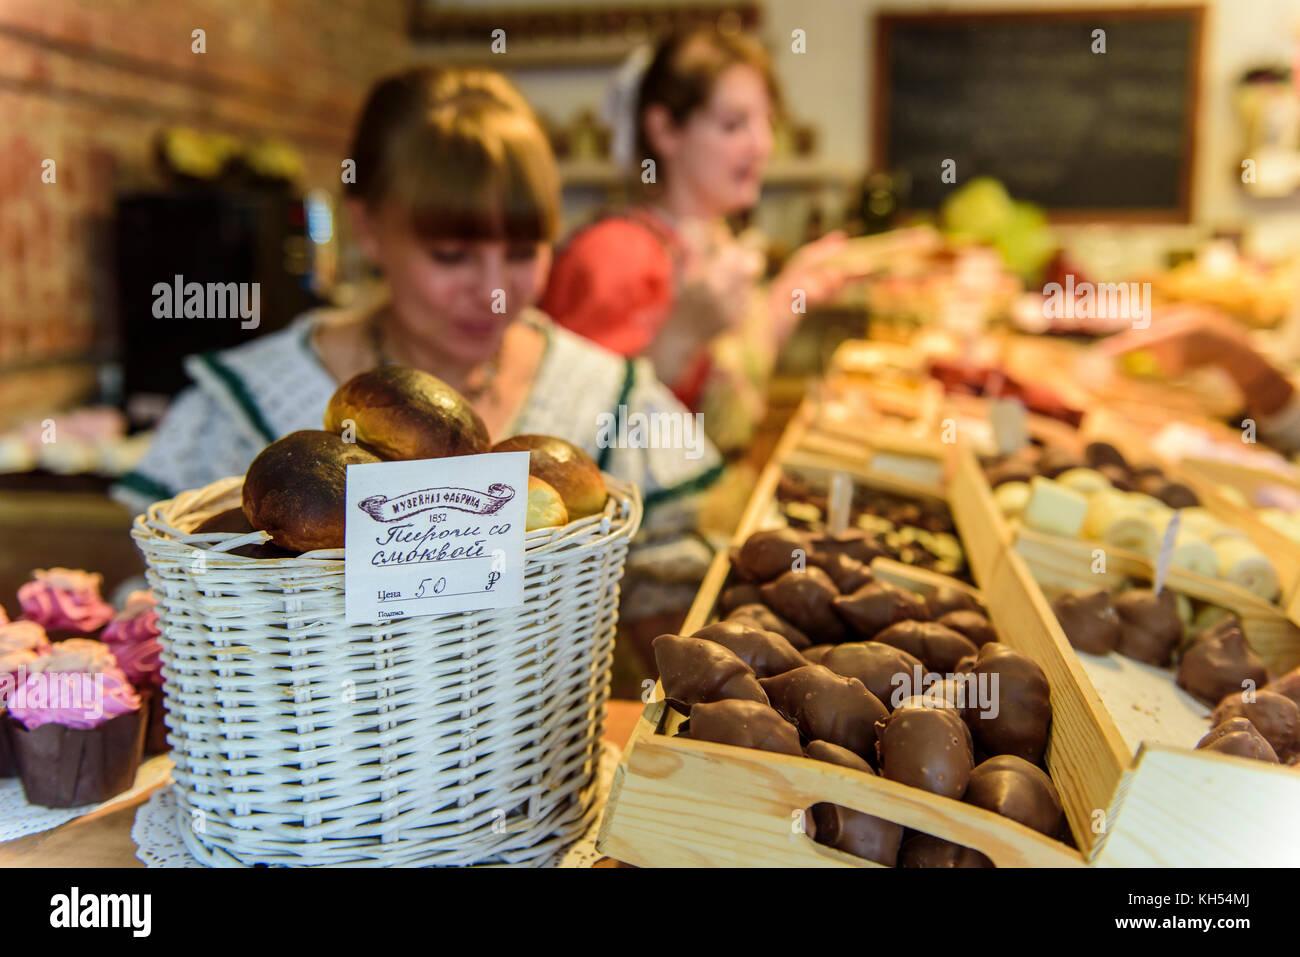 330lbs of sweet chocolate ass - 2 6